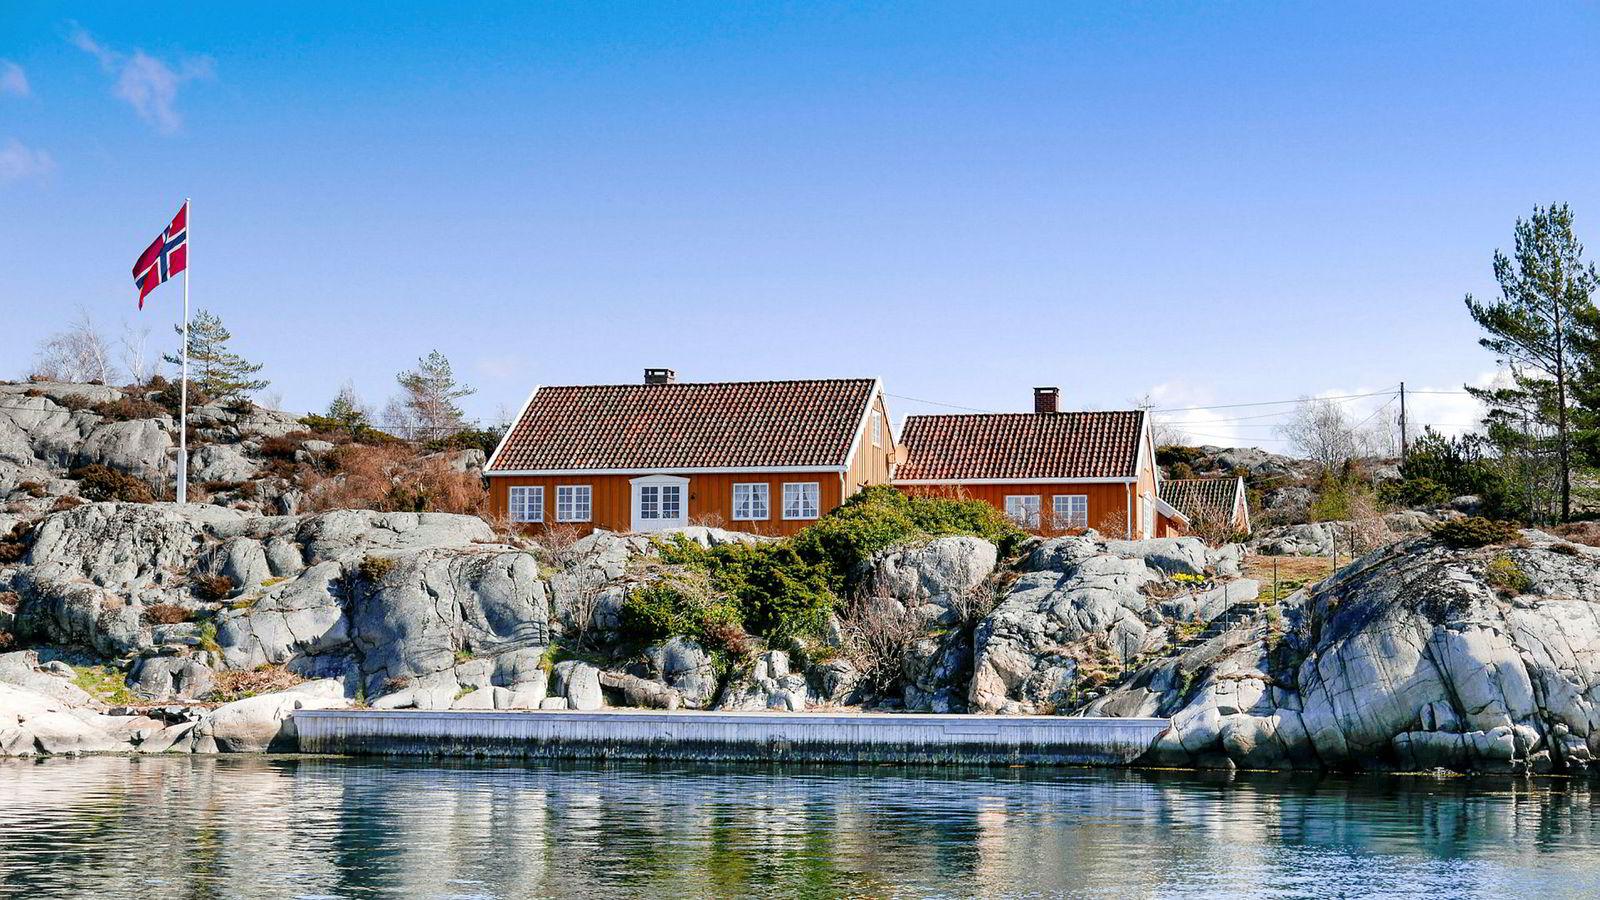 Eiendomsmilliardær Jonas Ramm har kjøpt en 17 mål stor strandeiendom på Stuttsholmen i Kragerø for 29,9 millioner kroner.